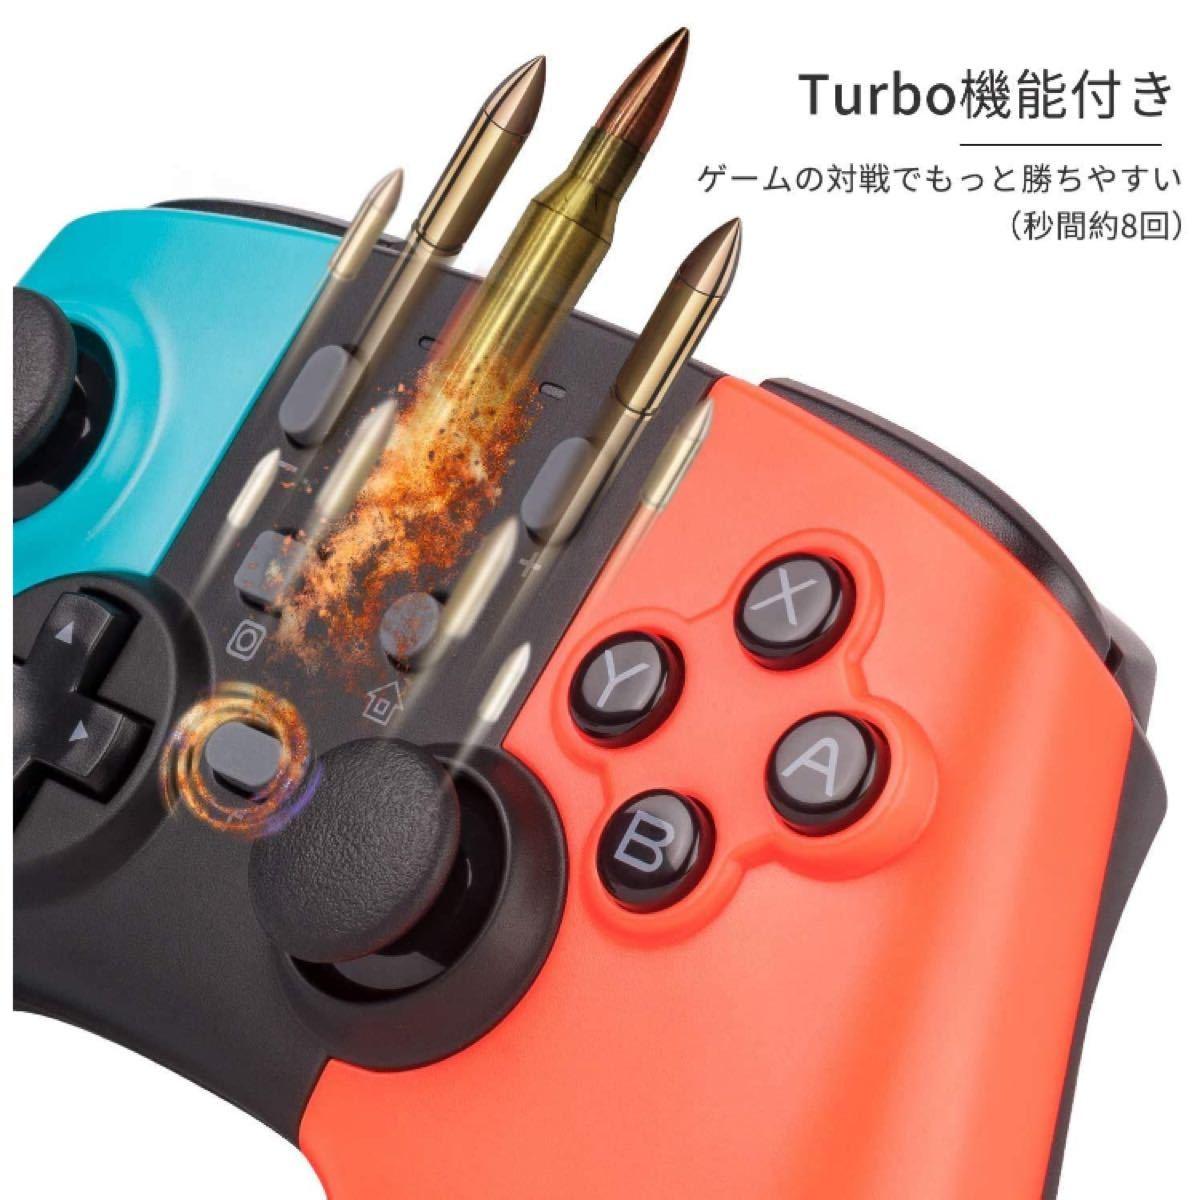 無線 Switch コントローラー TURBO連射 スイッチ  HD振動